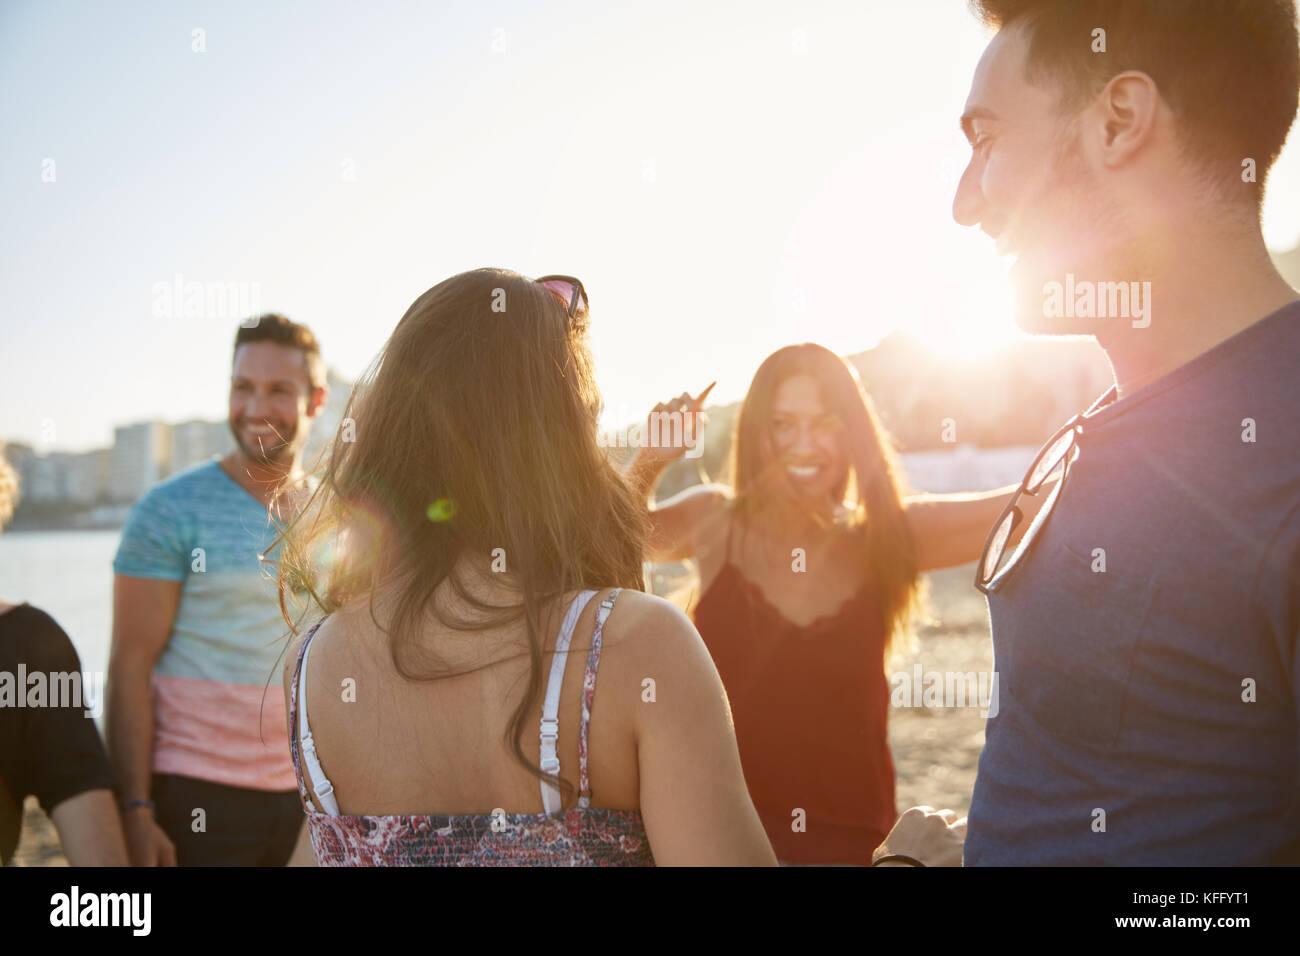 Retrato de grupo de amigos felices bailando en la playa Foto de stock